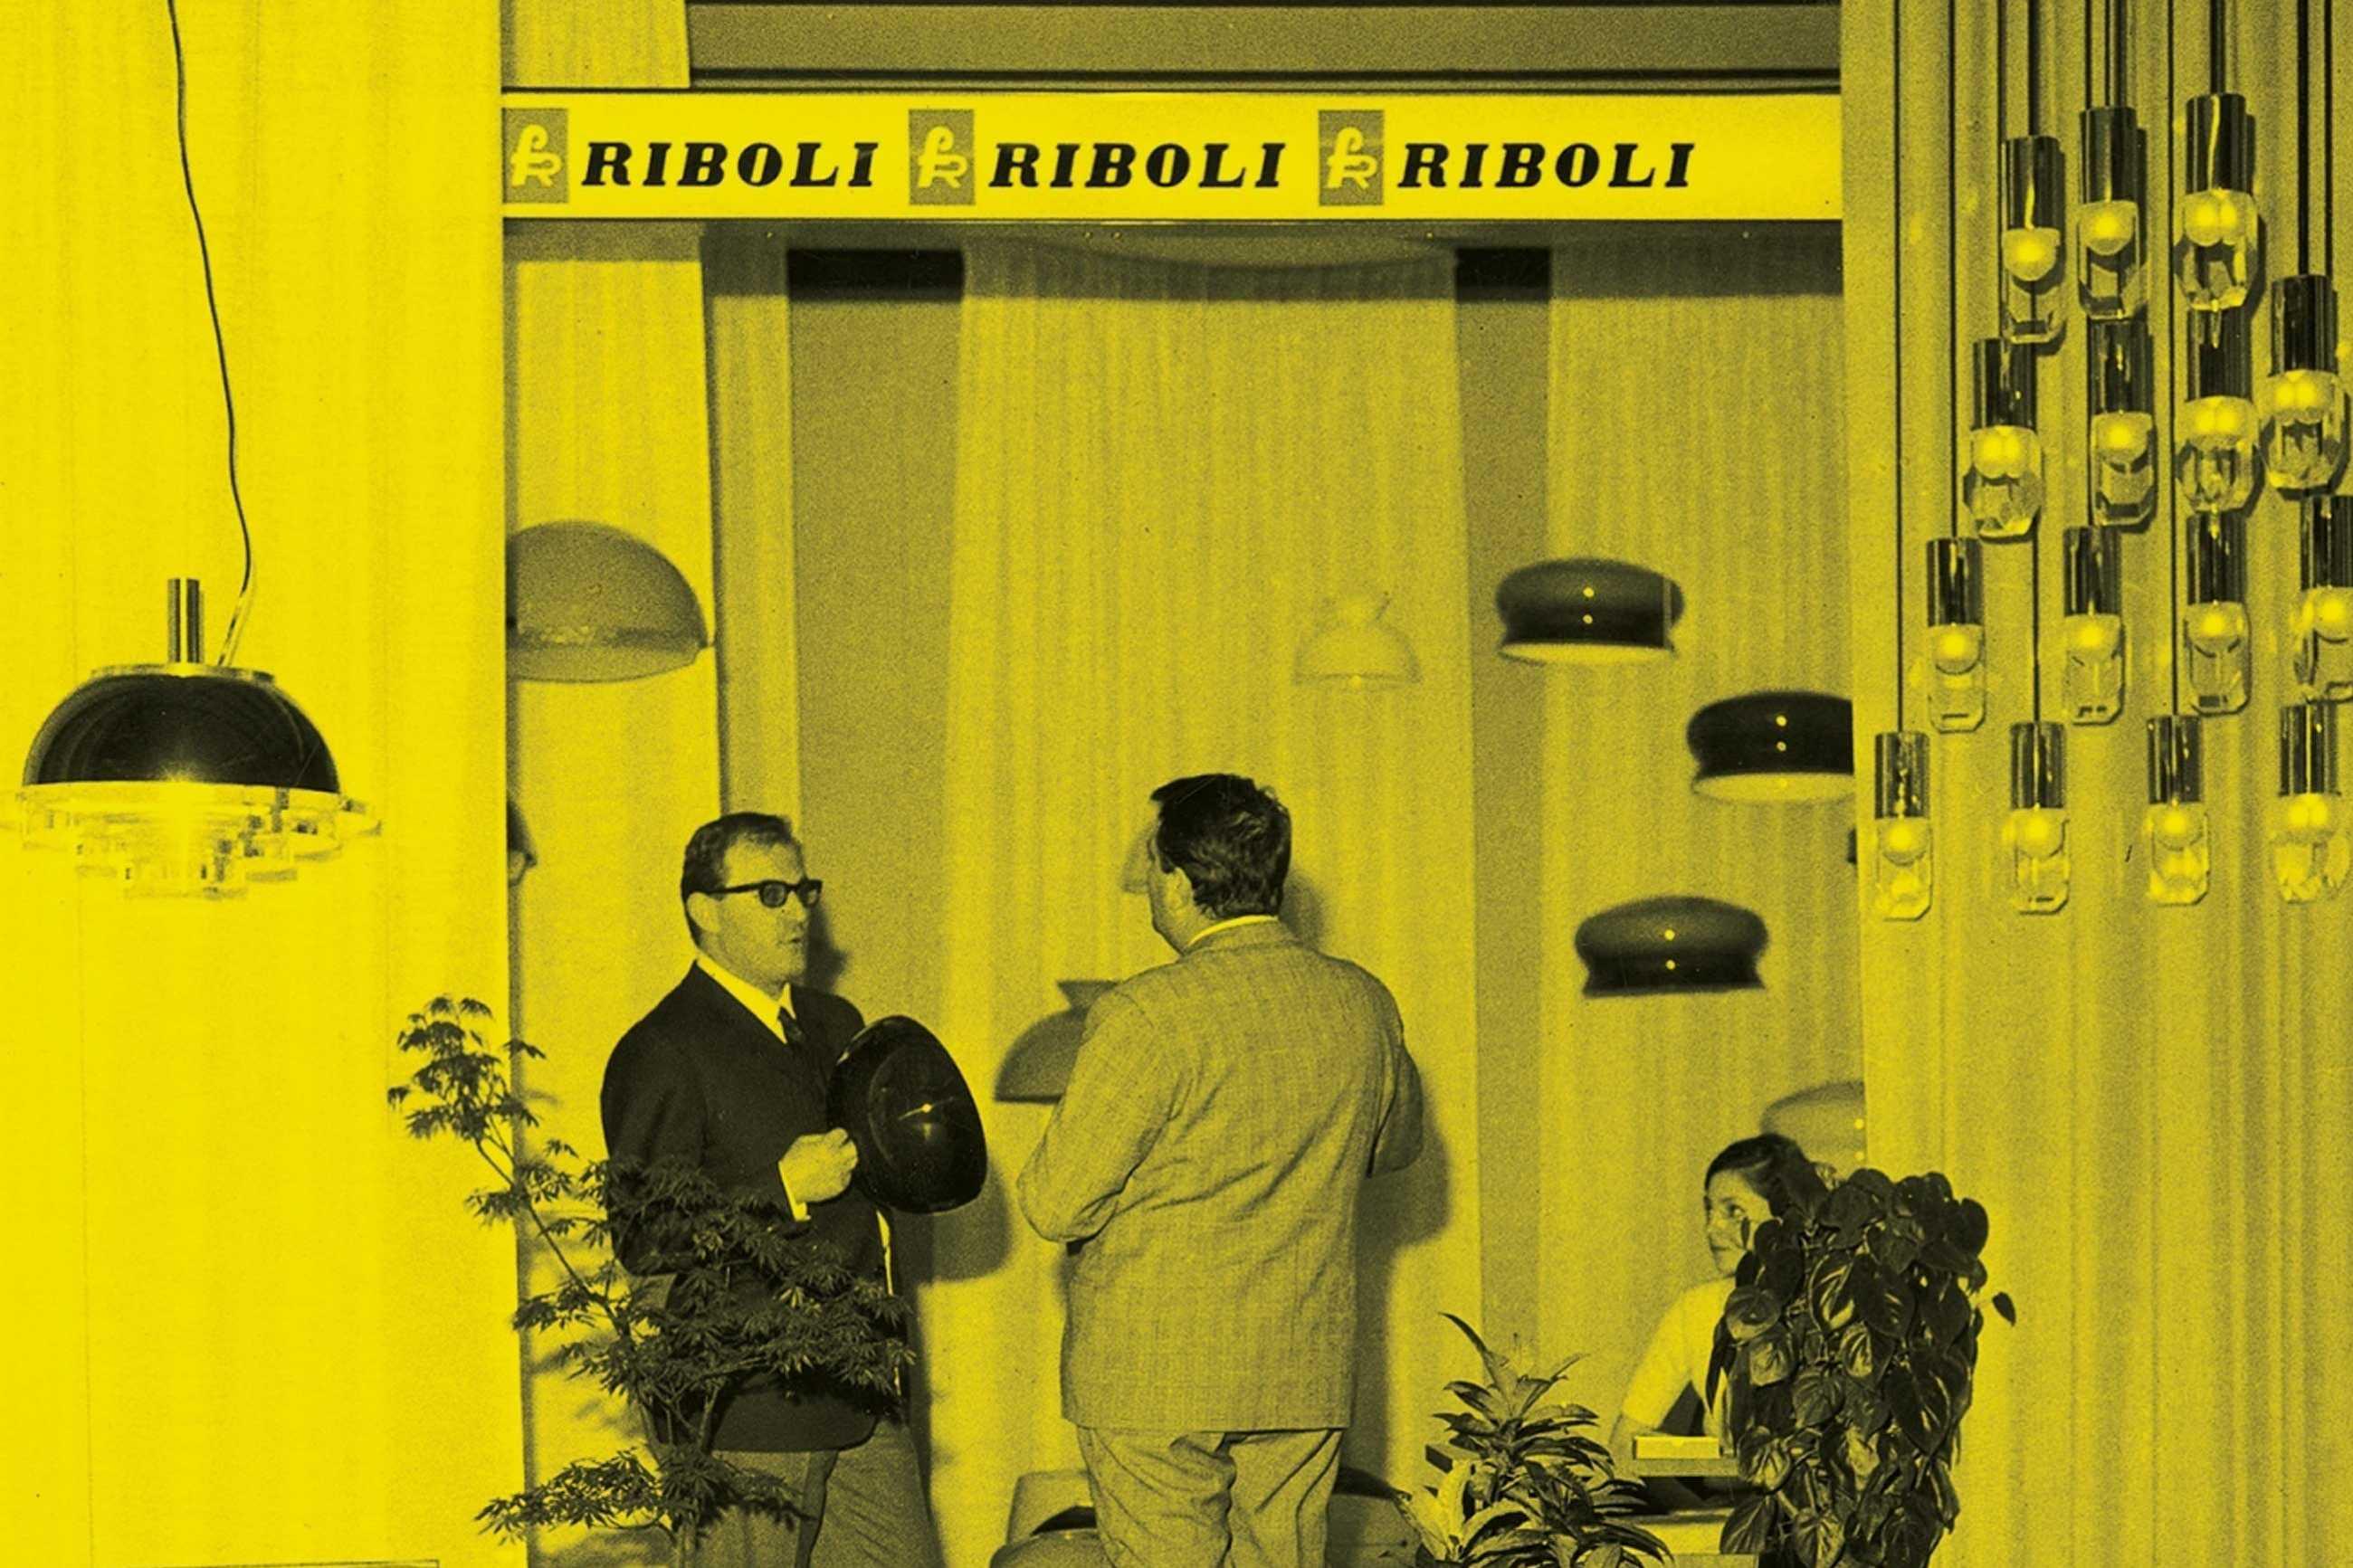 Franco Riboli nello stand RIBOLI alla Fiera Campionaria di Milano del 1964